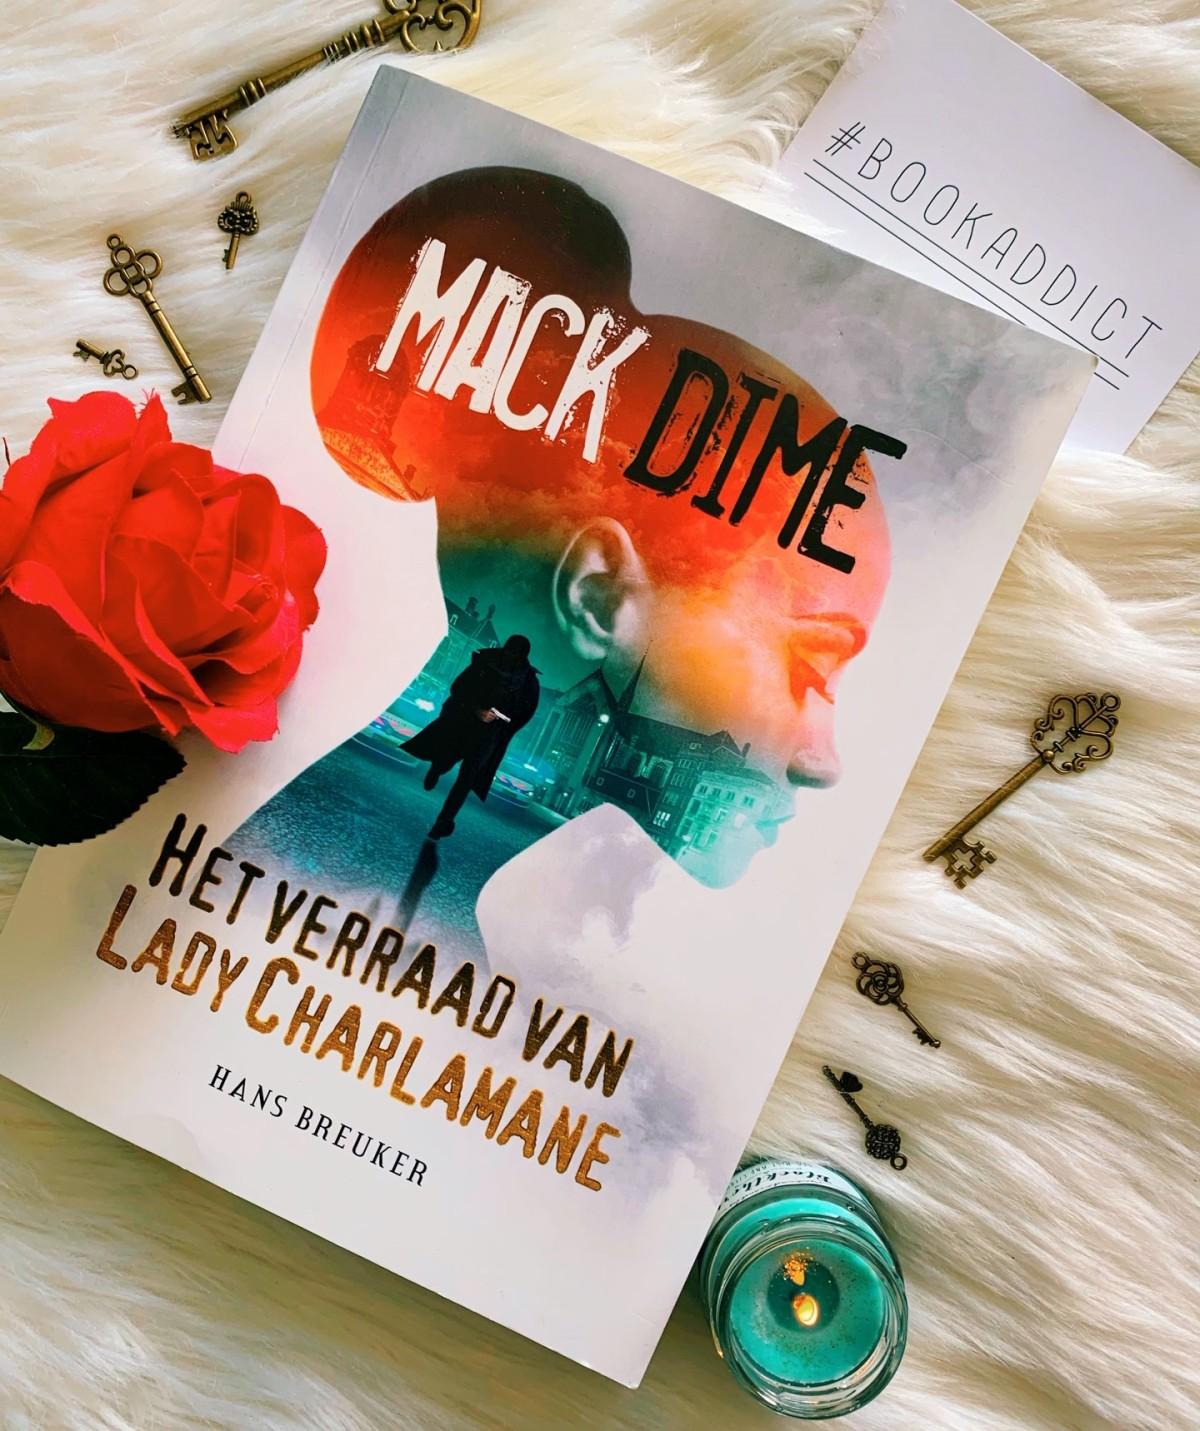 Mack Dime: het verraad van LadyCharlamane